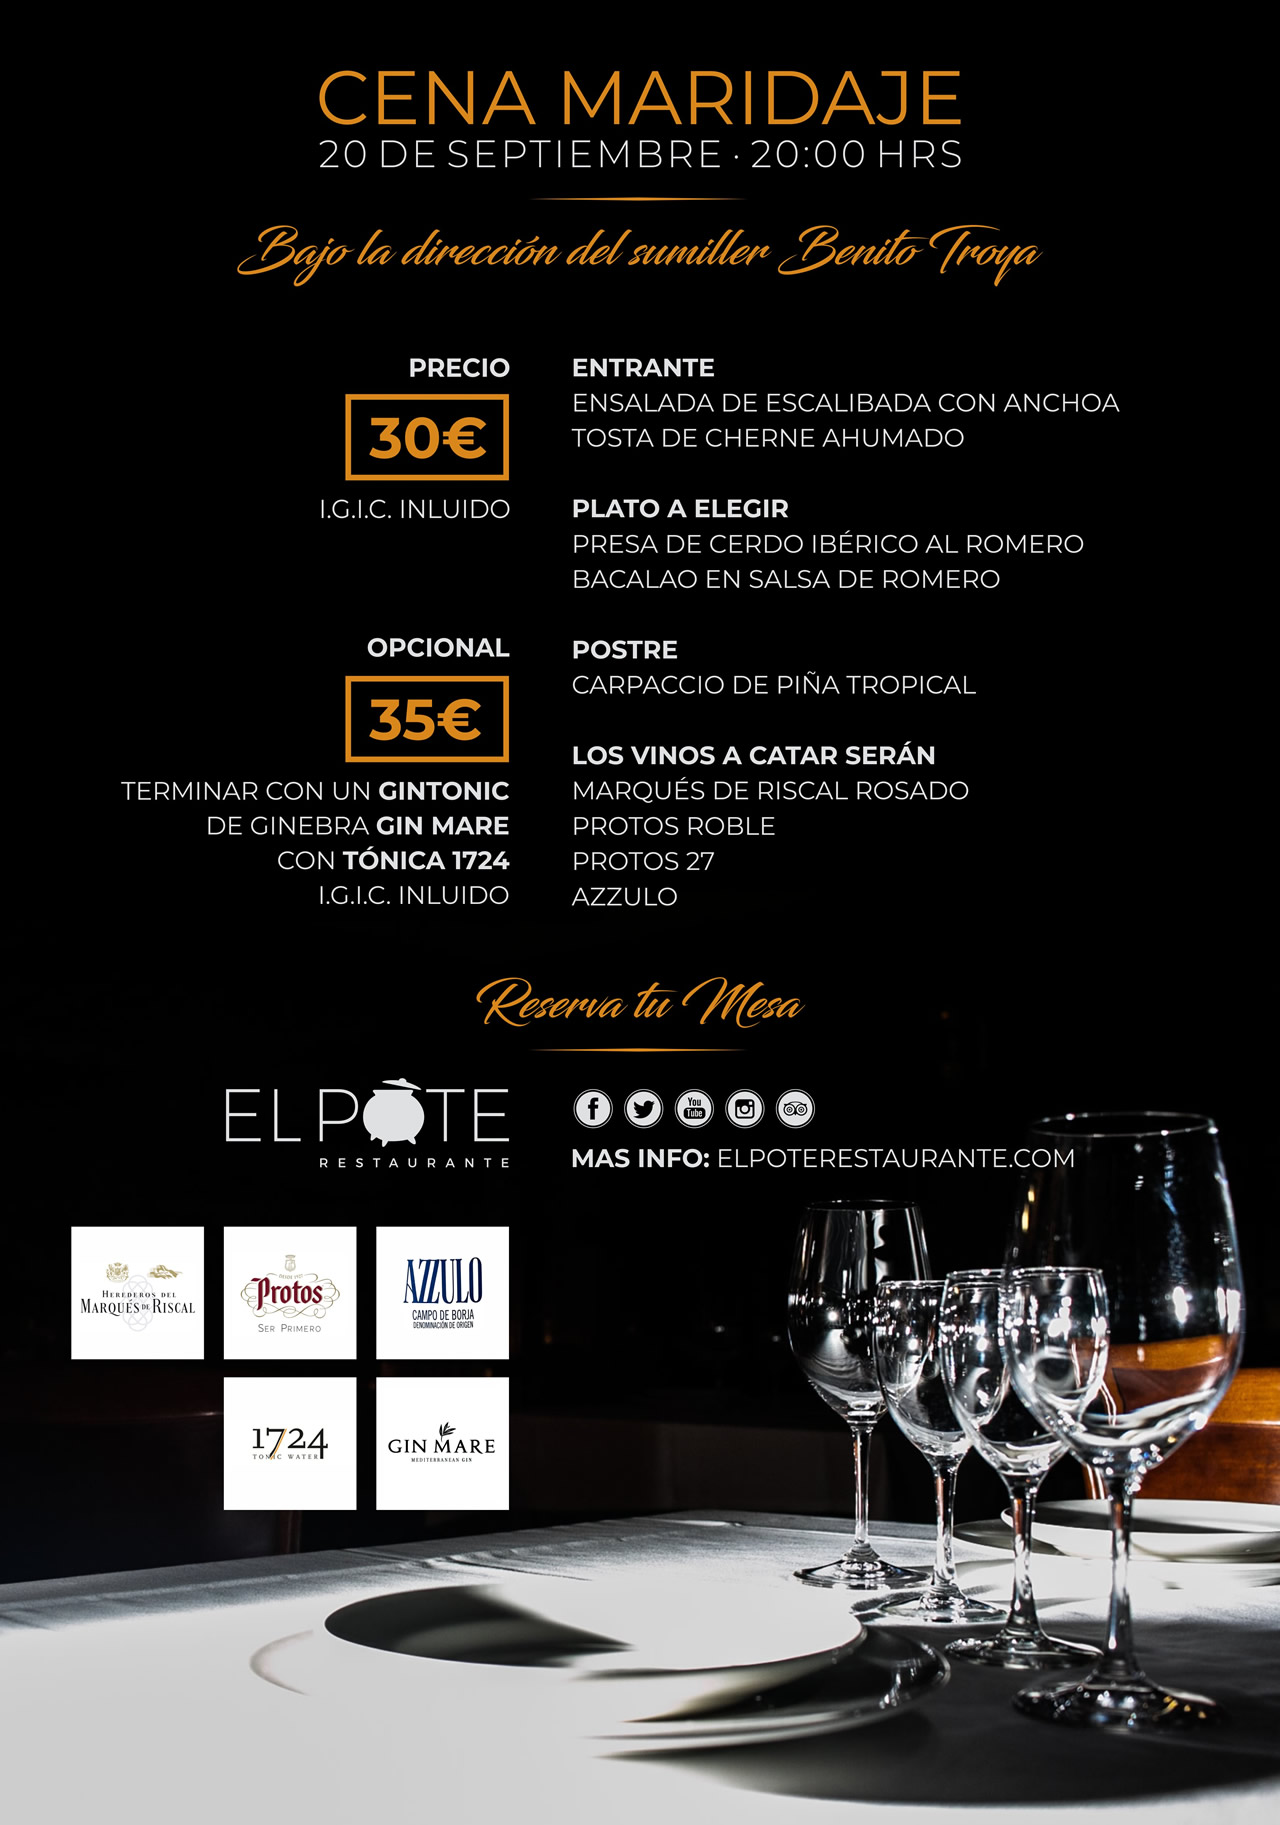 El Pote Restaurante Cena Maridaje 20-09-2018